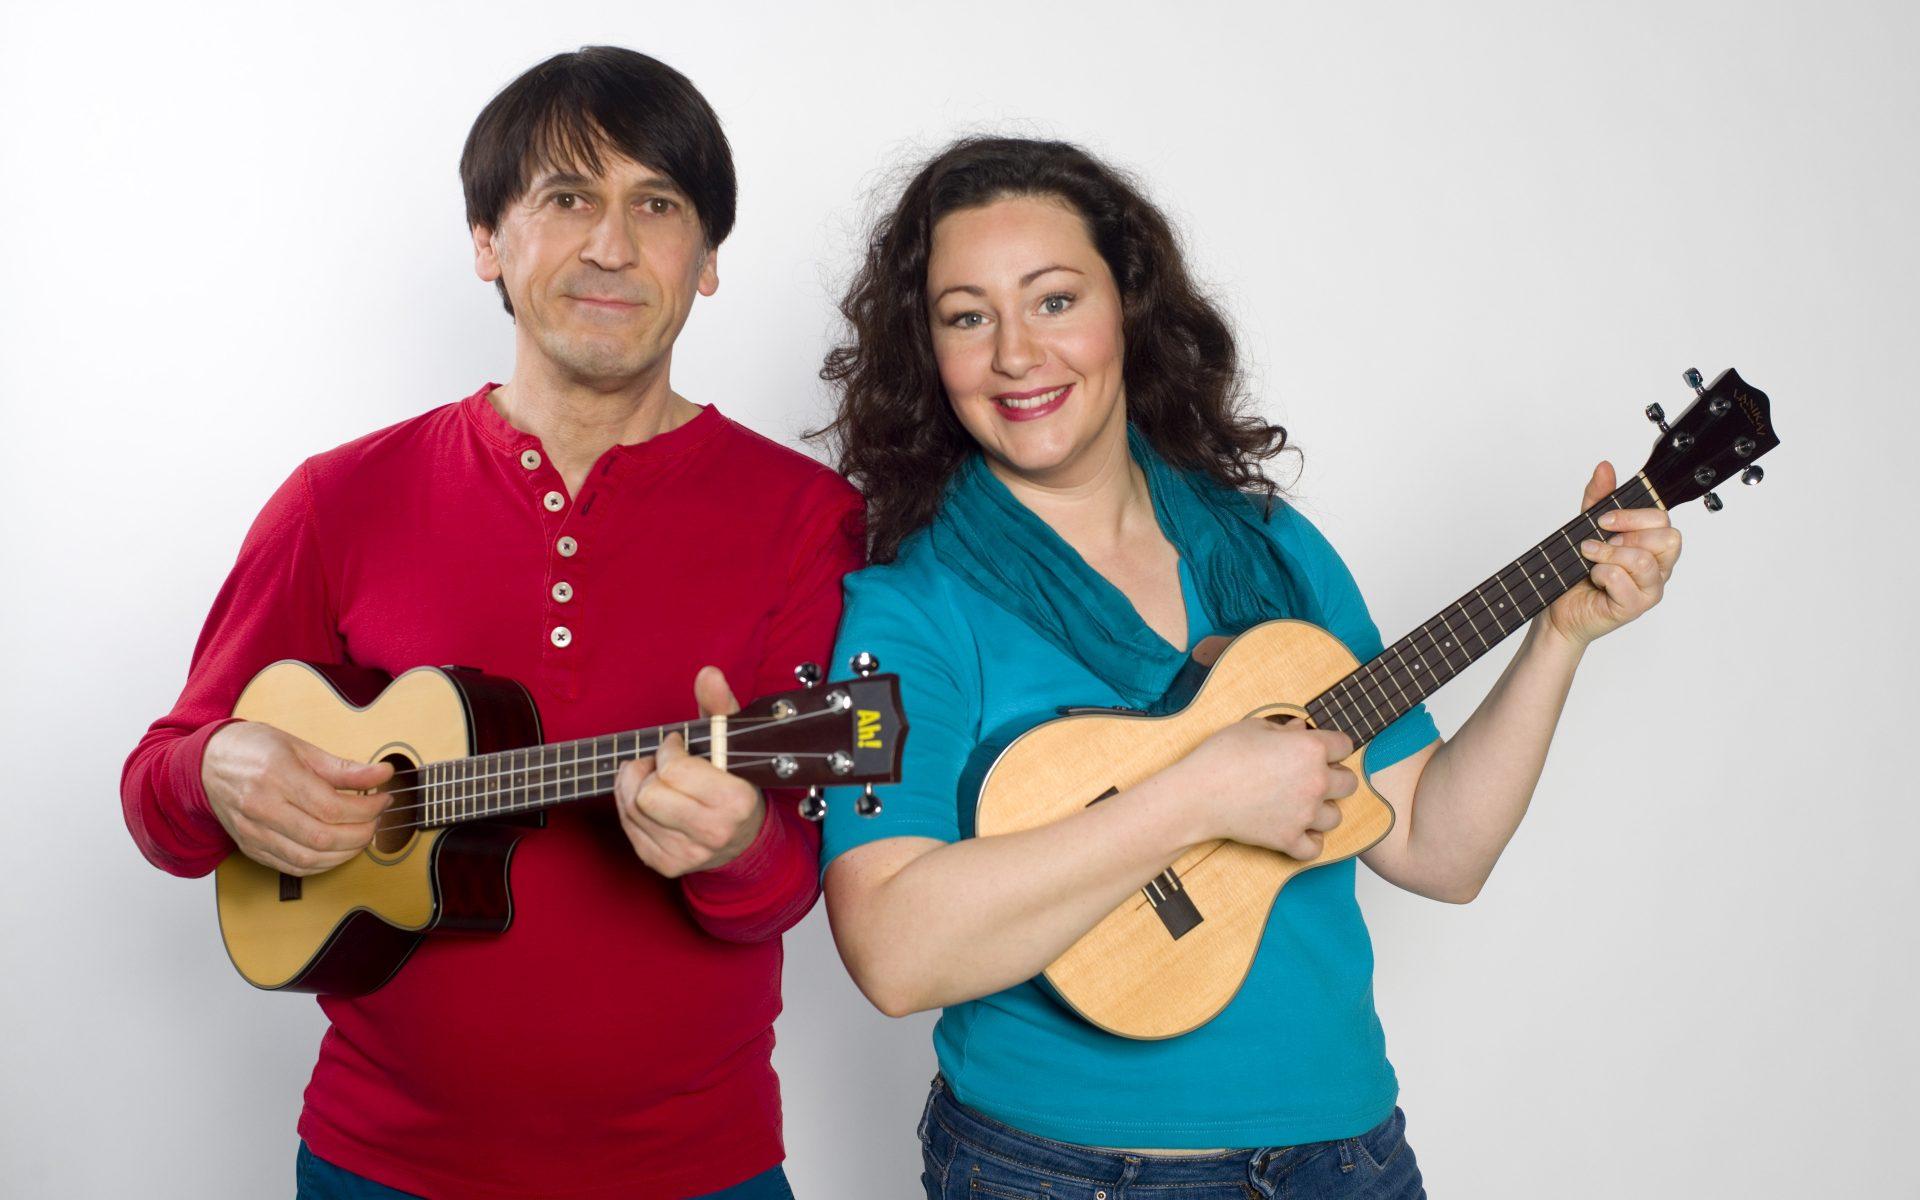 Foto von Fug und Janina mit Ukulelen